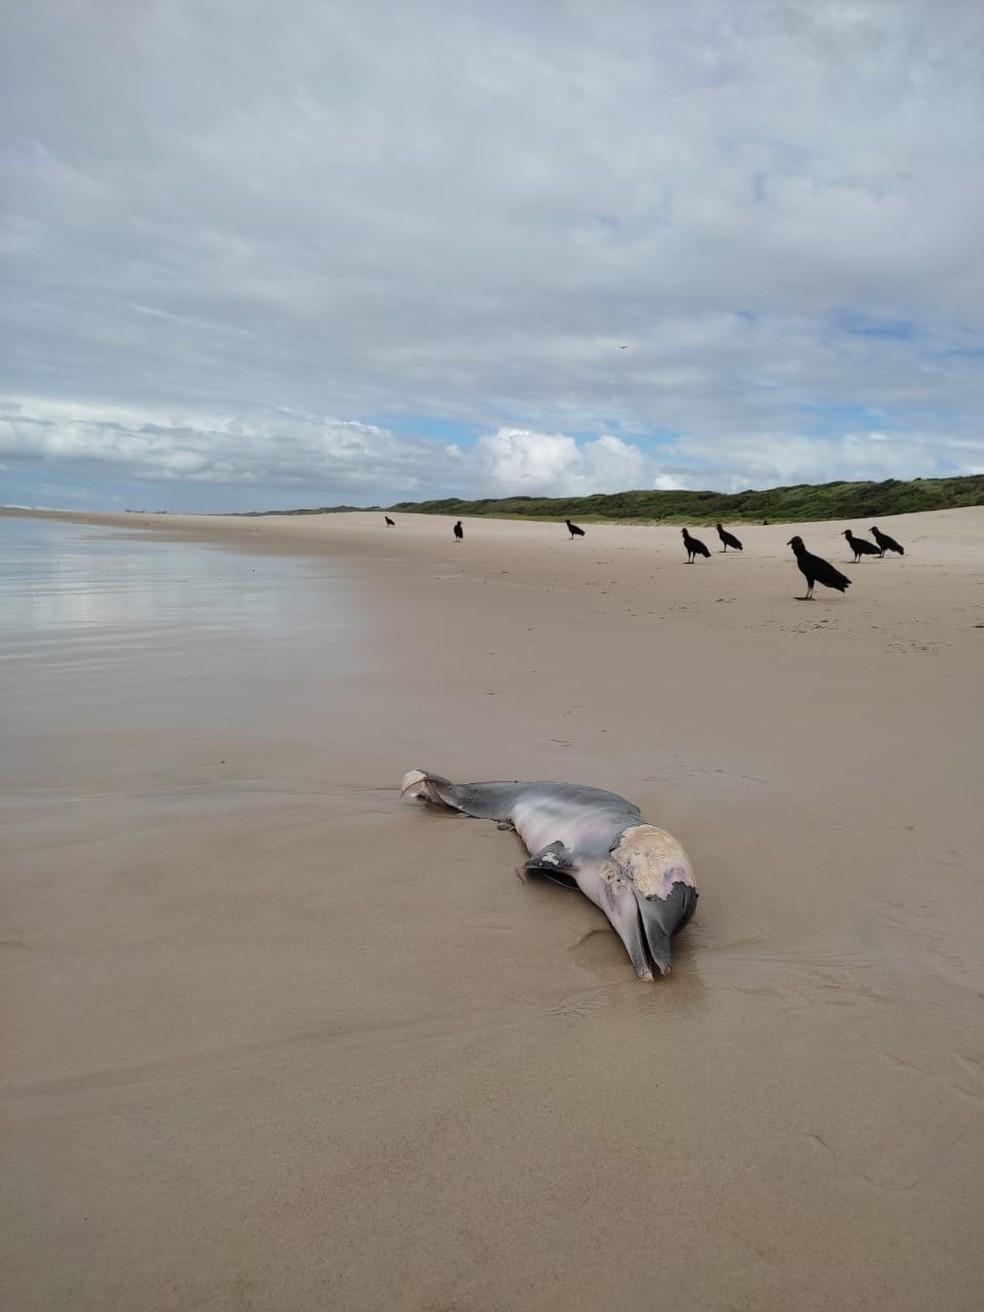 Filhote de golfinho é encontrado morto por moradores da região na Praia do Francês, em Marechal Deodoro — Foto: Instituto Biota